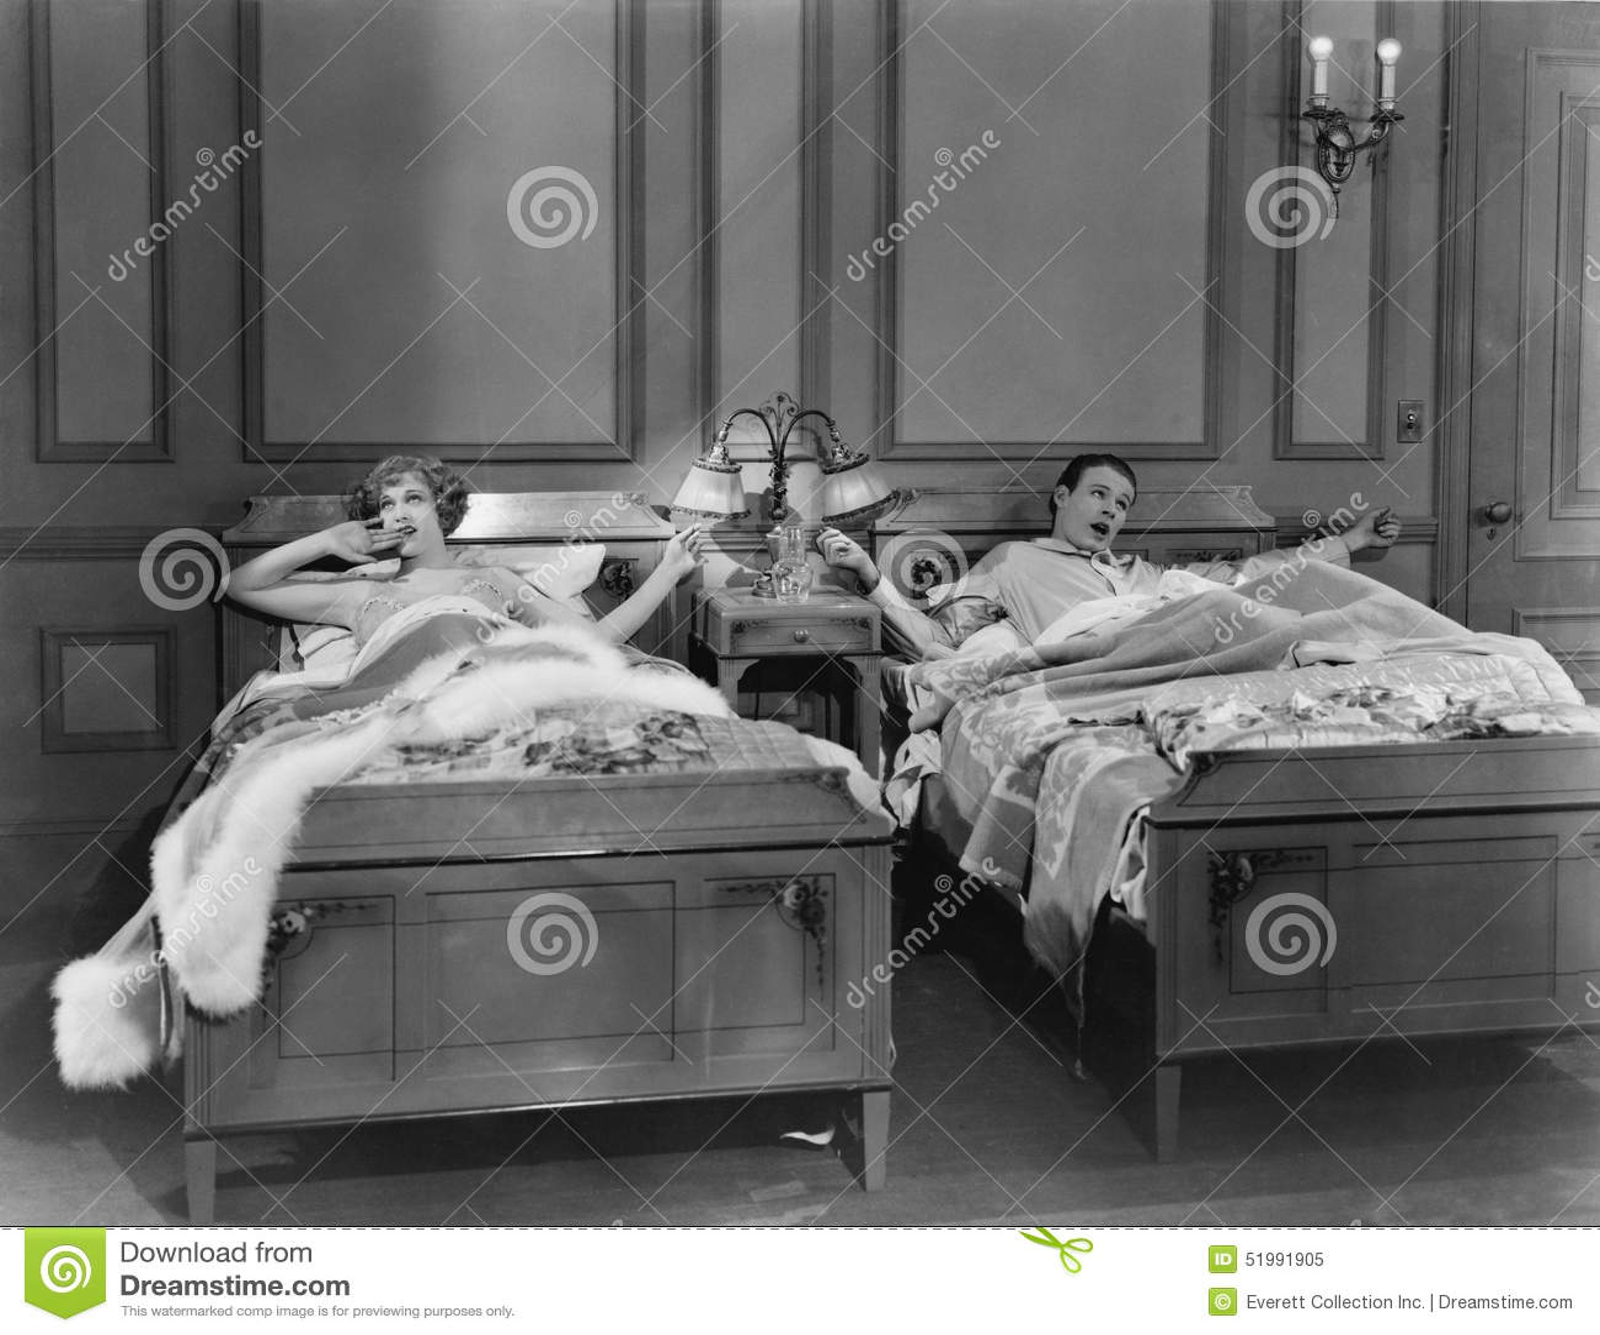 成对床(所有人被描述不更长生存,并且庄园不存在 供应商保单将没有式样relea